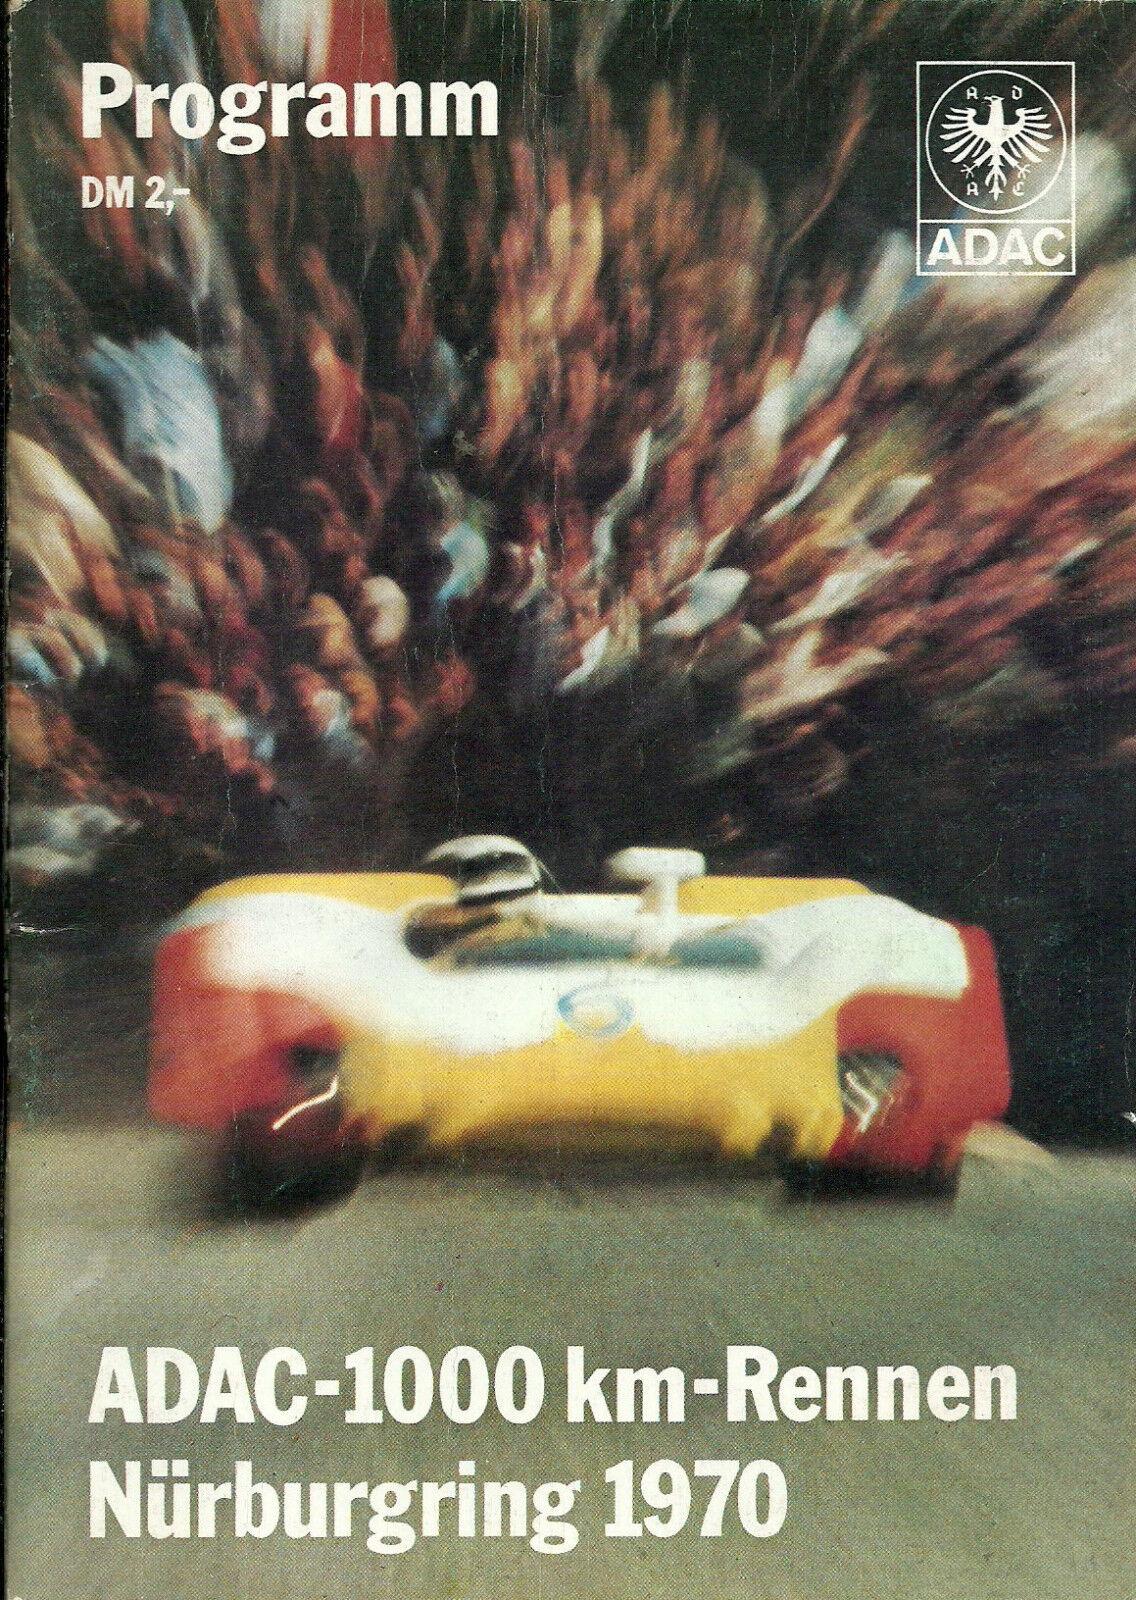 ADAC-1000km-Rennen 1970 Nürburgring Programmheft